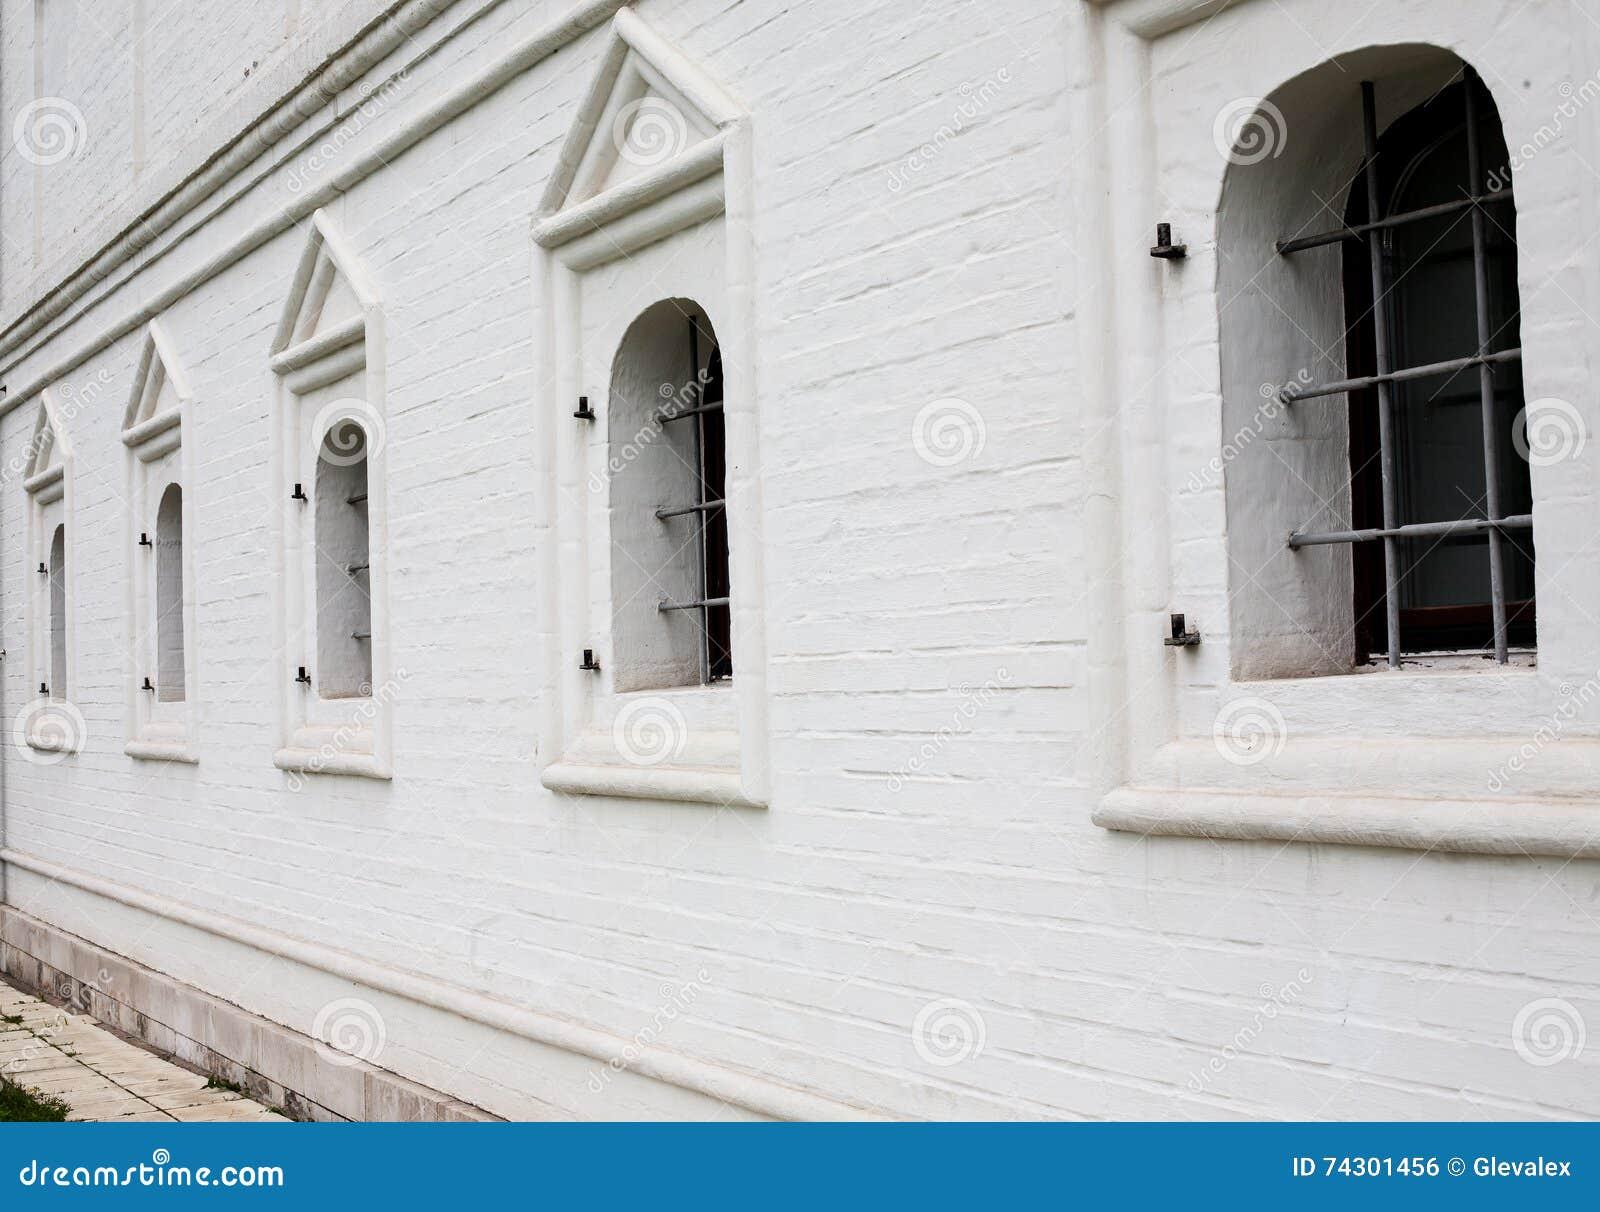 Fen tres barr es dans le mur de briques blanc photo stock for Fenetre qui rentre dans le mur